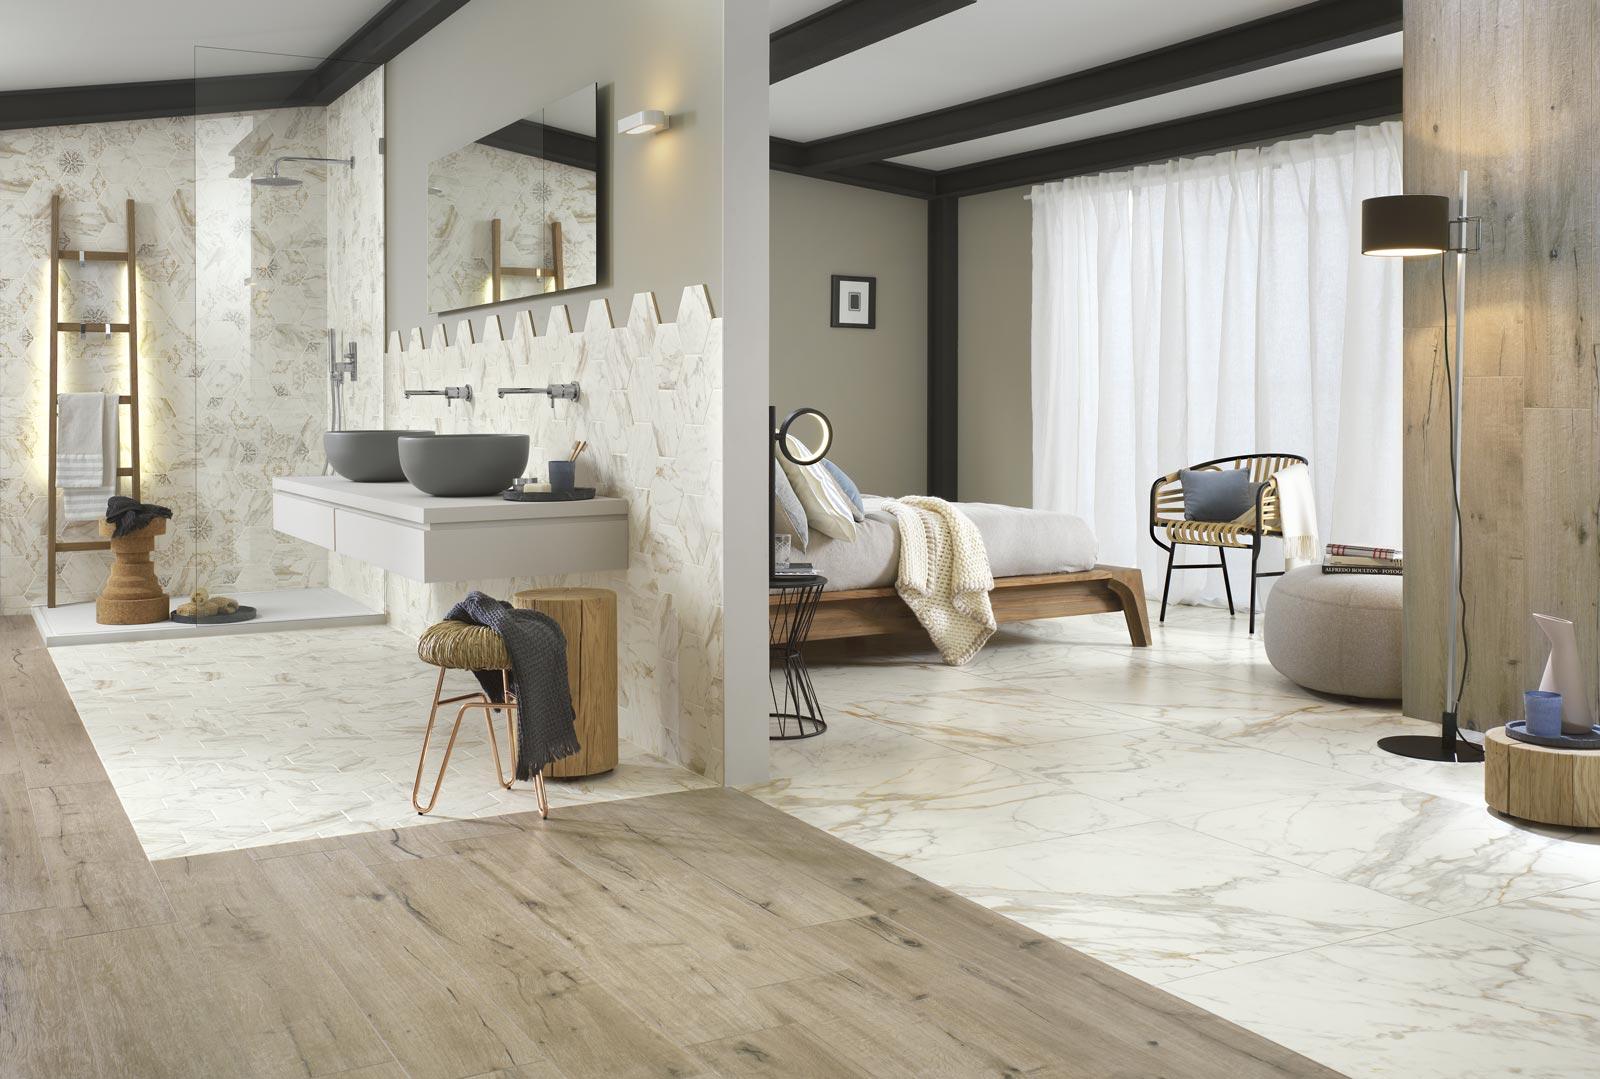 Home » Badkamer inspiratie » Luxe slaapkamer badkamer suite